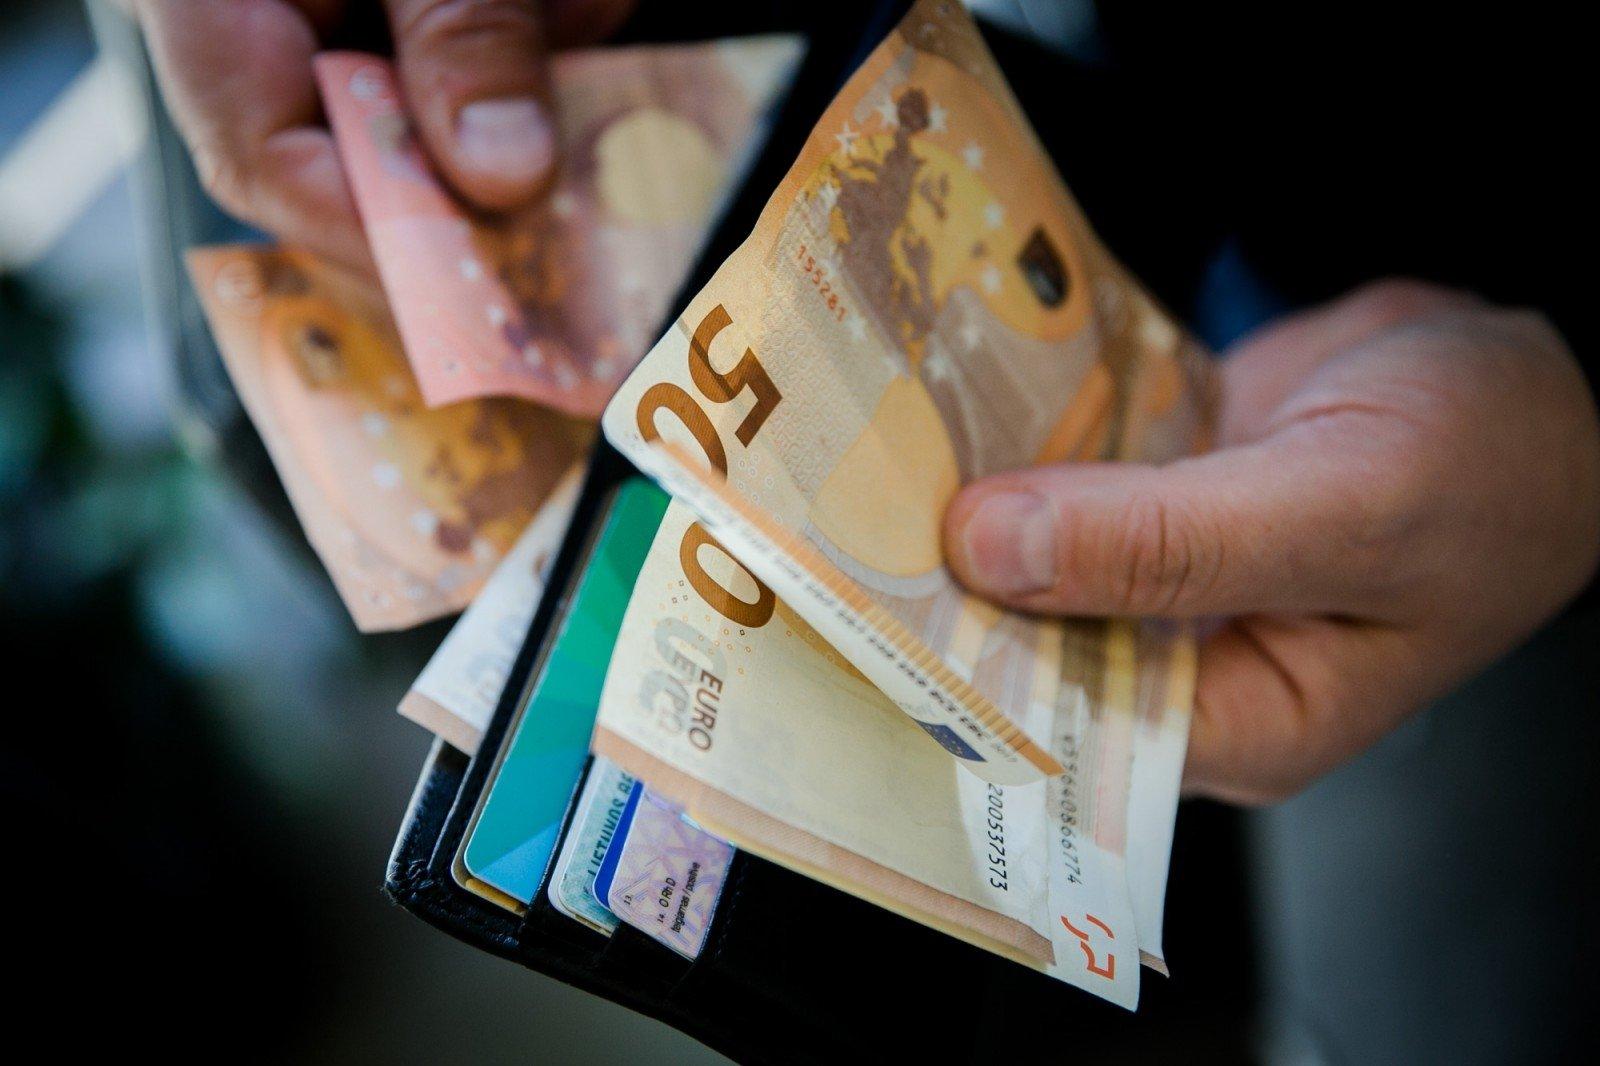 kaip uždirbti daugiau pinigų savo apimtimi variantas yra apgauti lapas